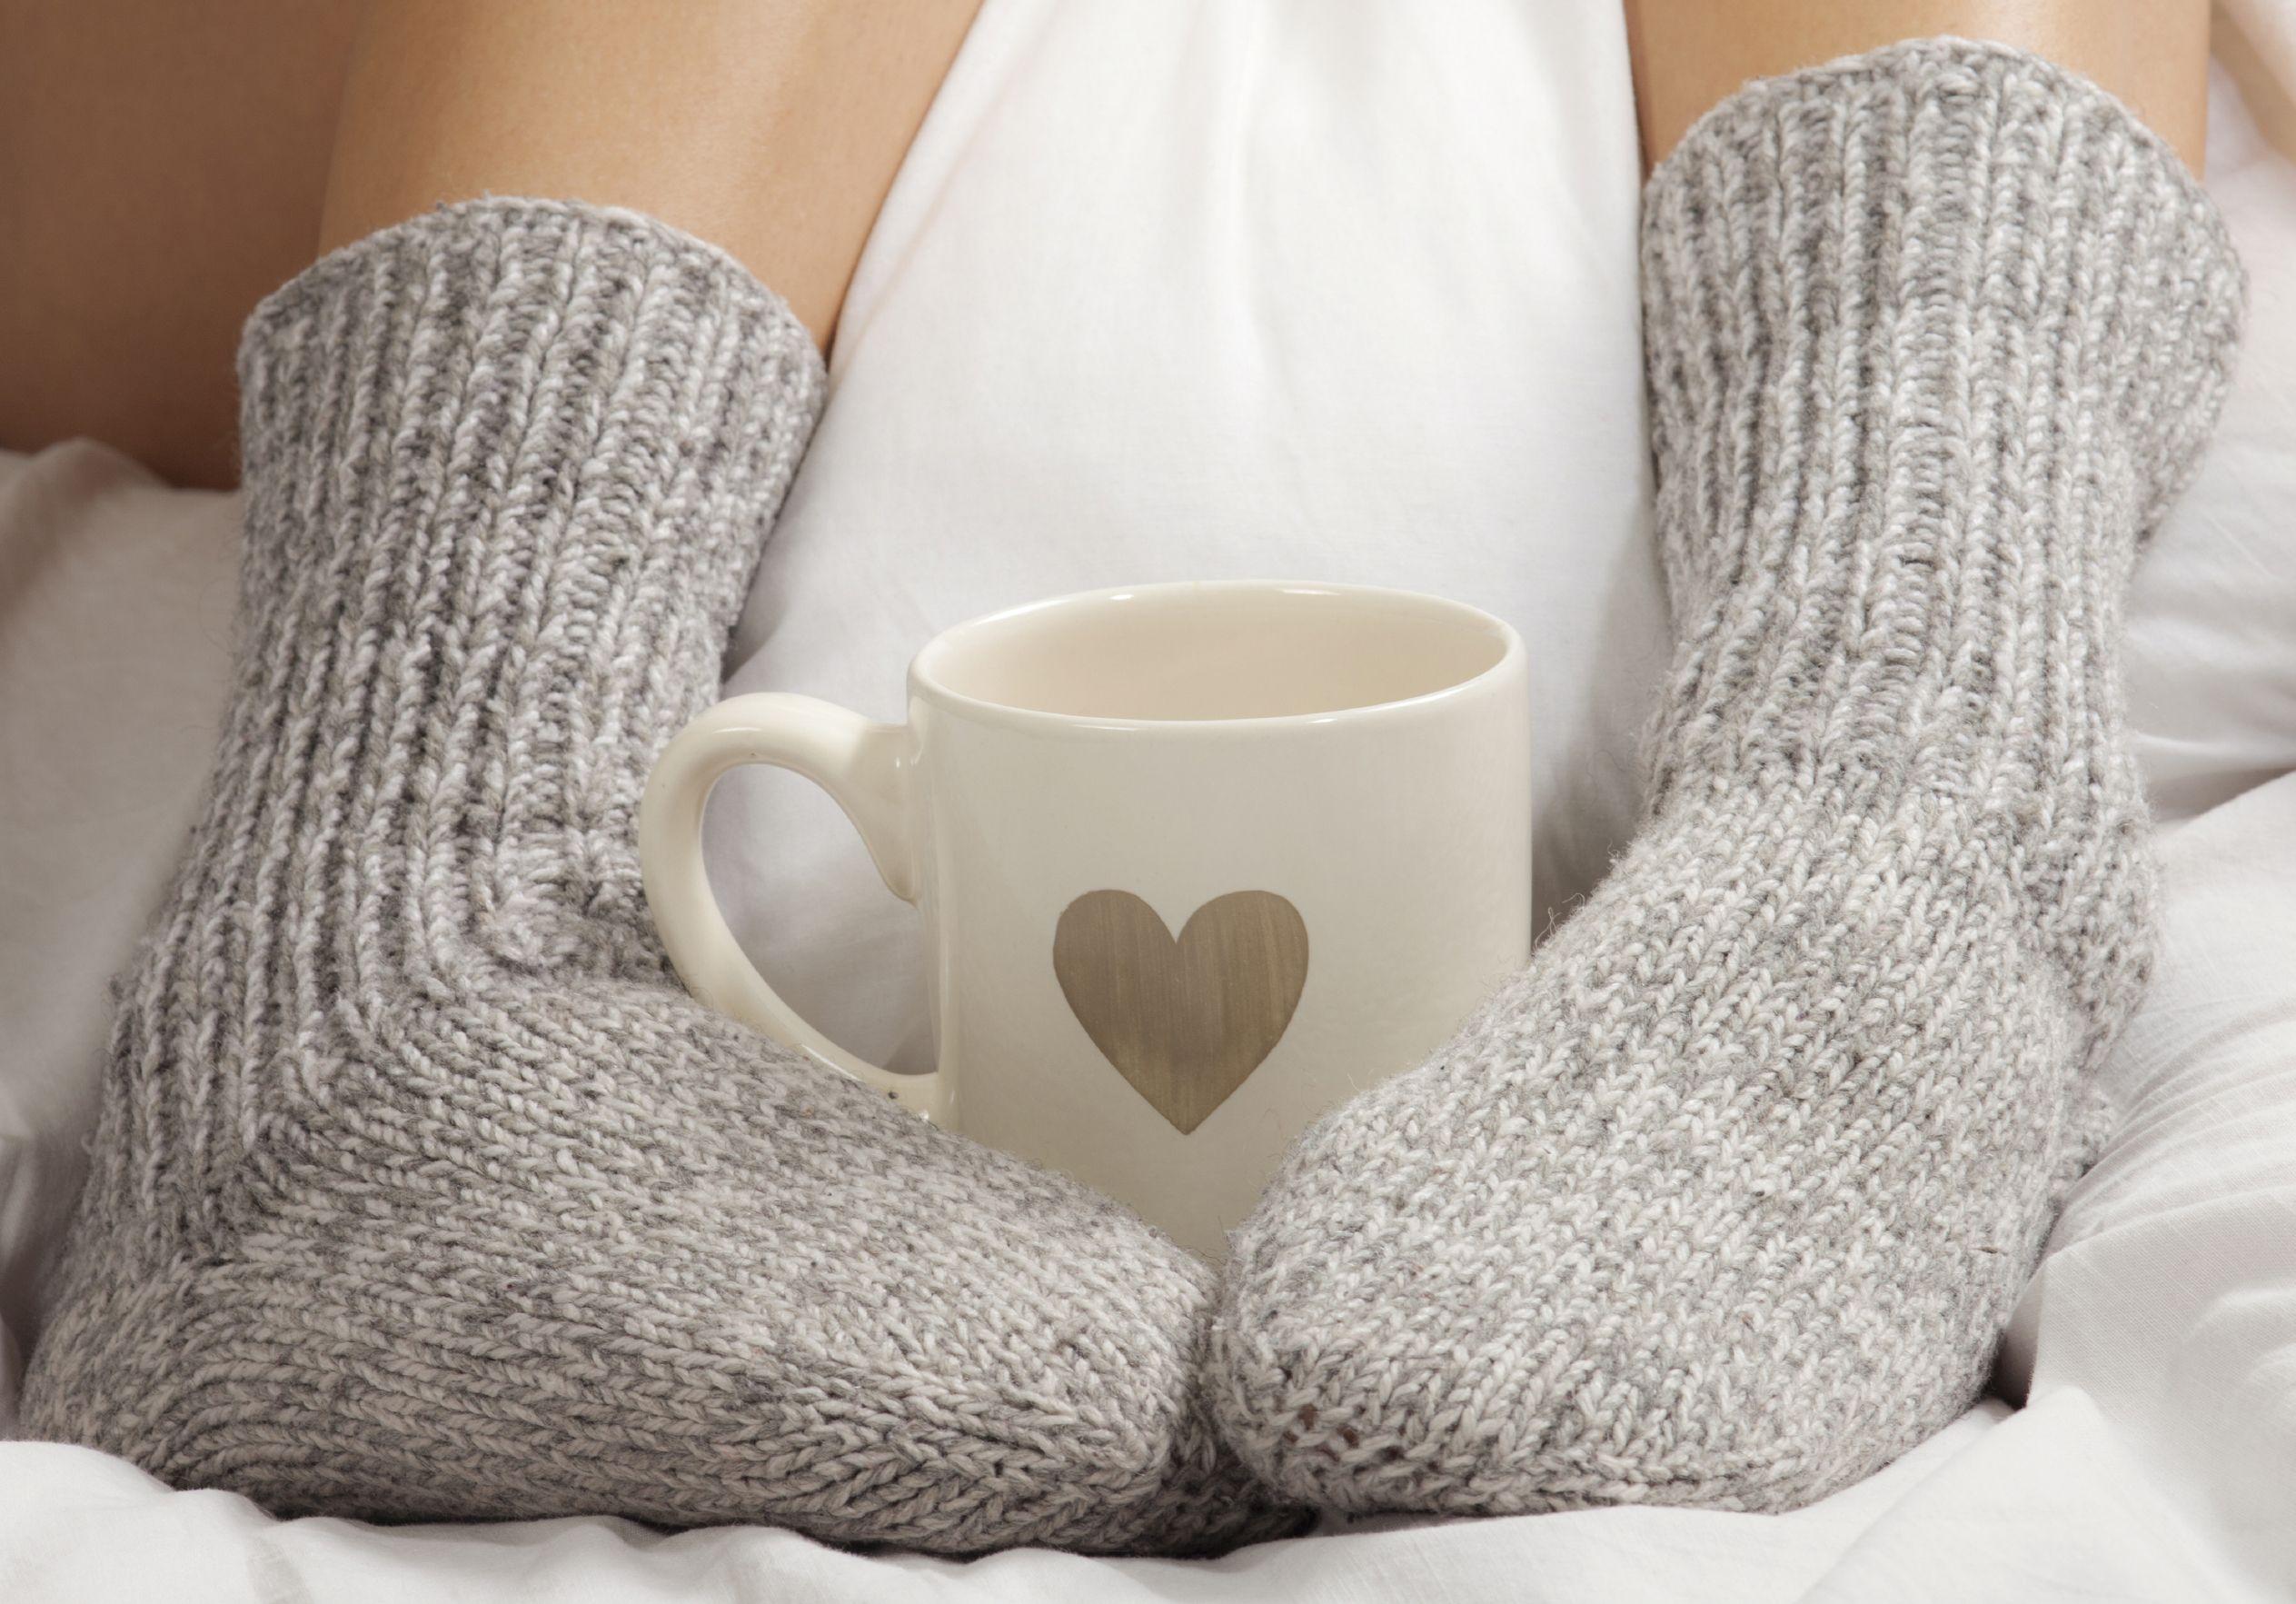 Socks & Mug